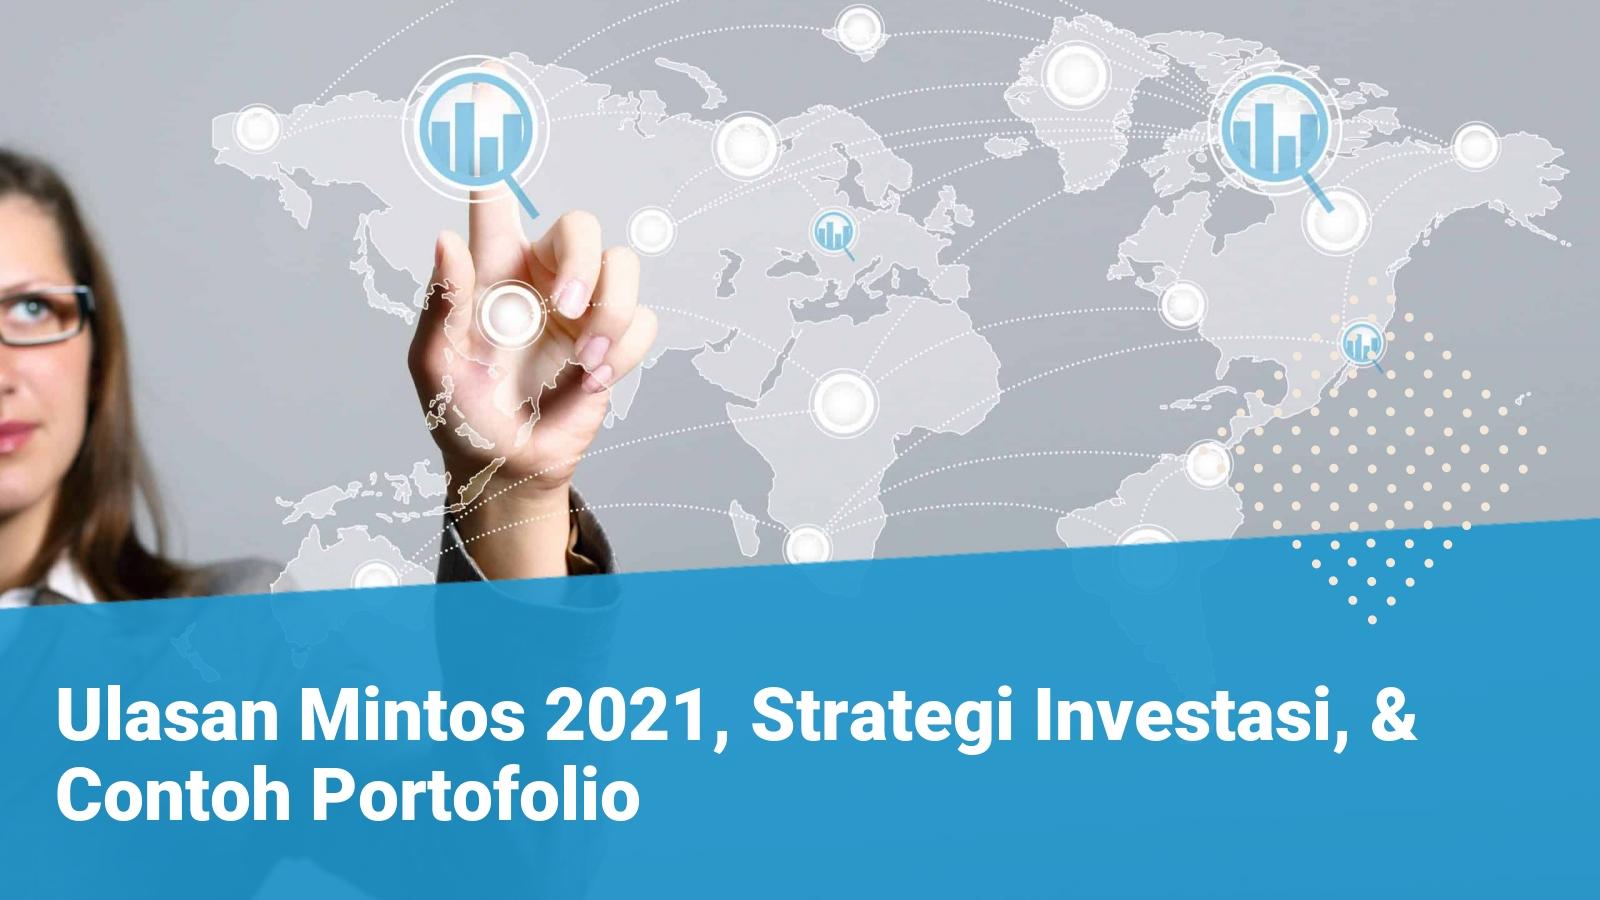 Ulasan P2P Lending Mintos - Financer.com